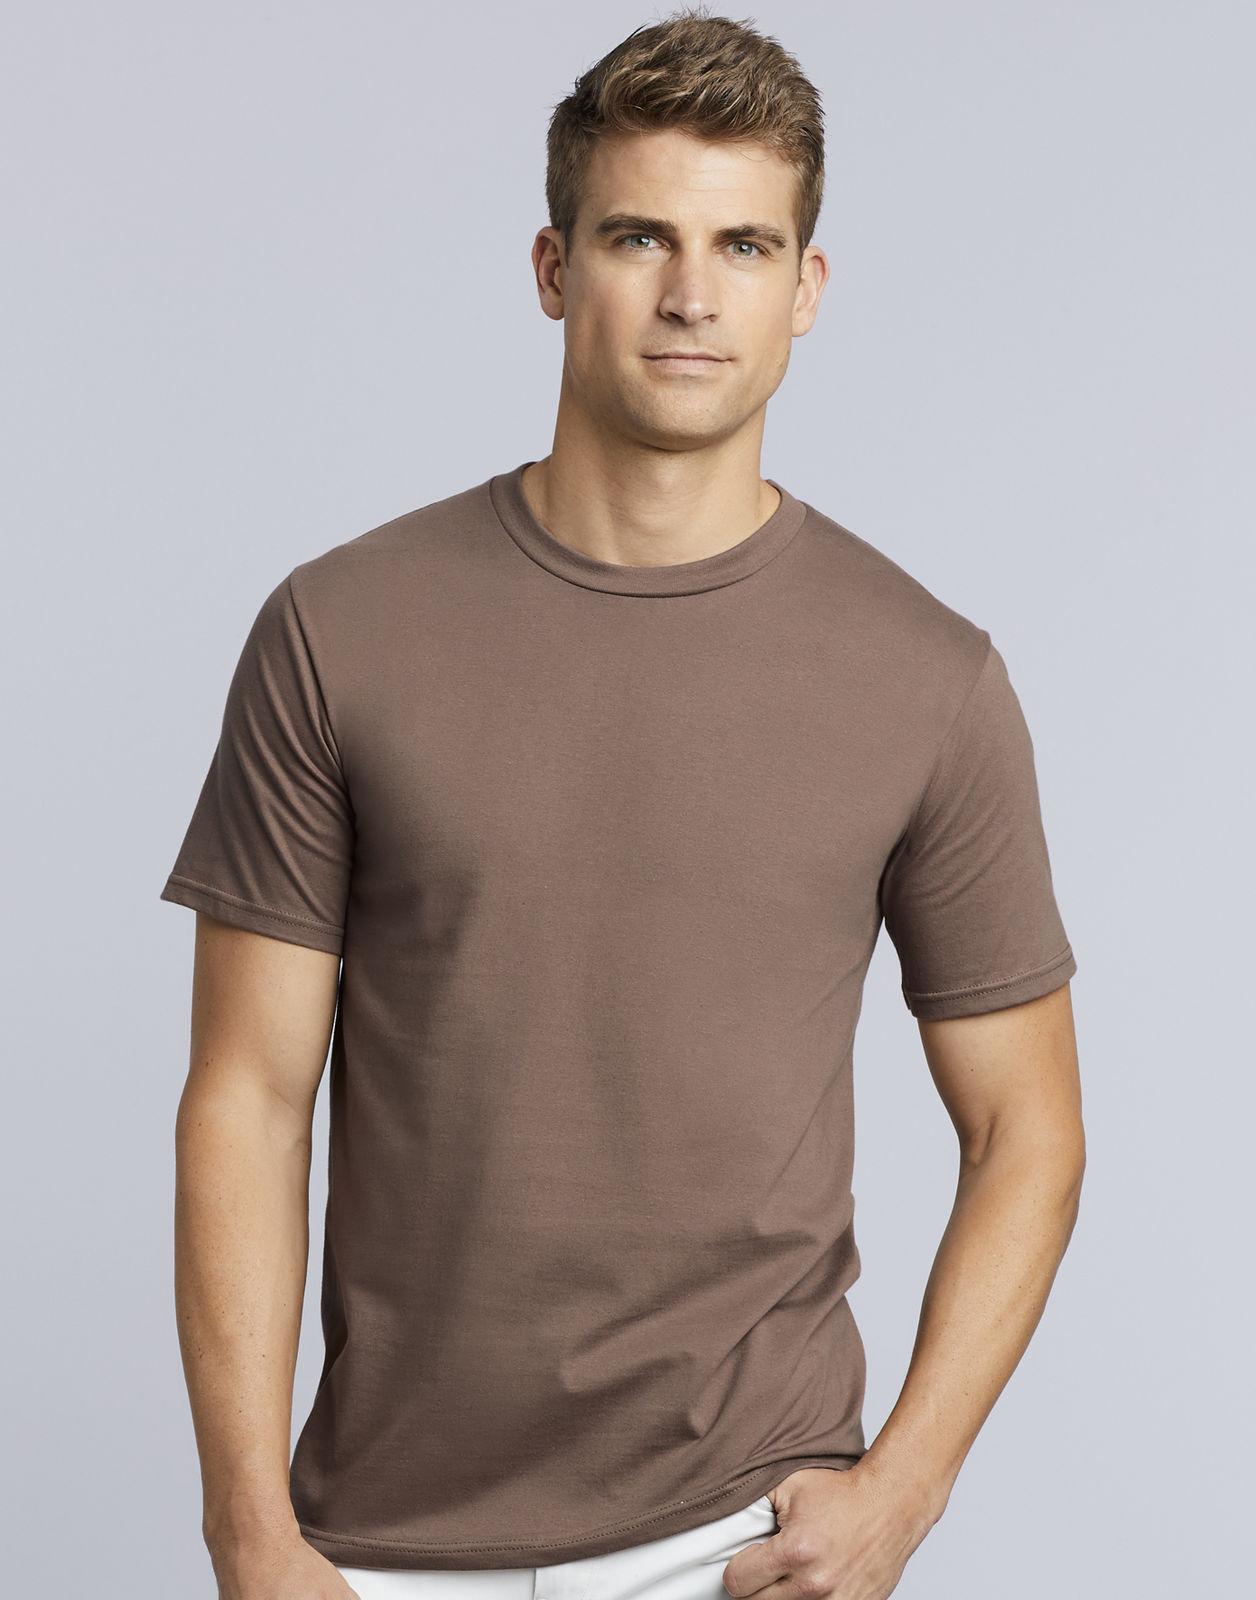 3c70f9b5322c T-shirt Homme Col Rond Premium Personnalisé